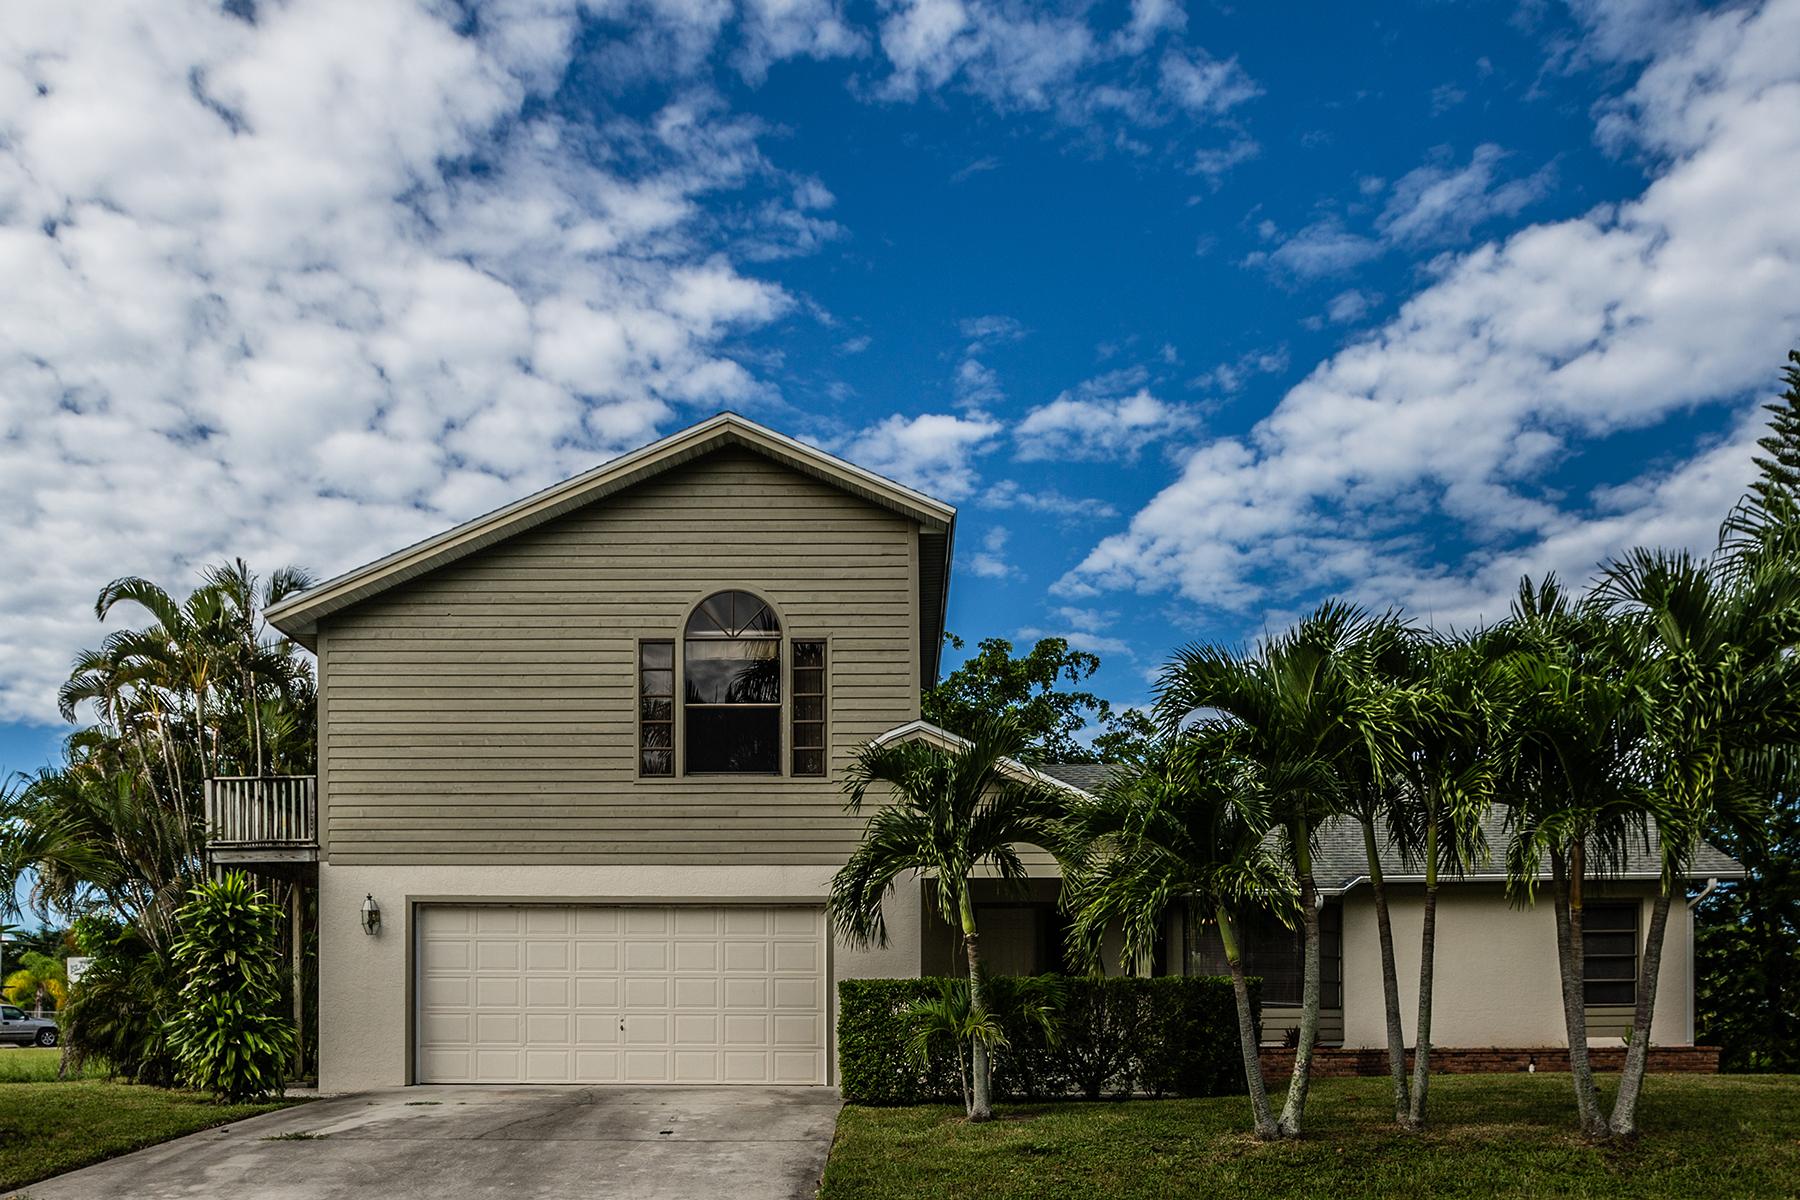 一戸建て のために 売買 アット MARCO ISLAND - COVEWOOD COURT 20 Covewood Ct Marco Island, フロリダ, 34145 アメリカ合衆国